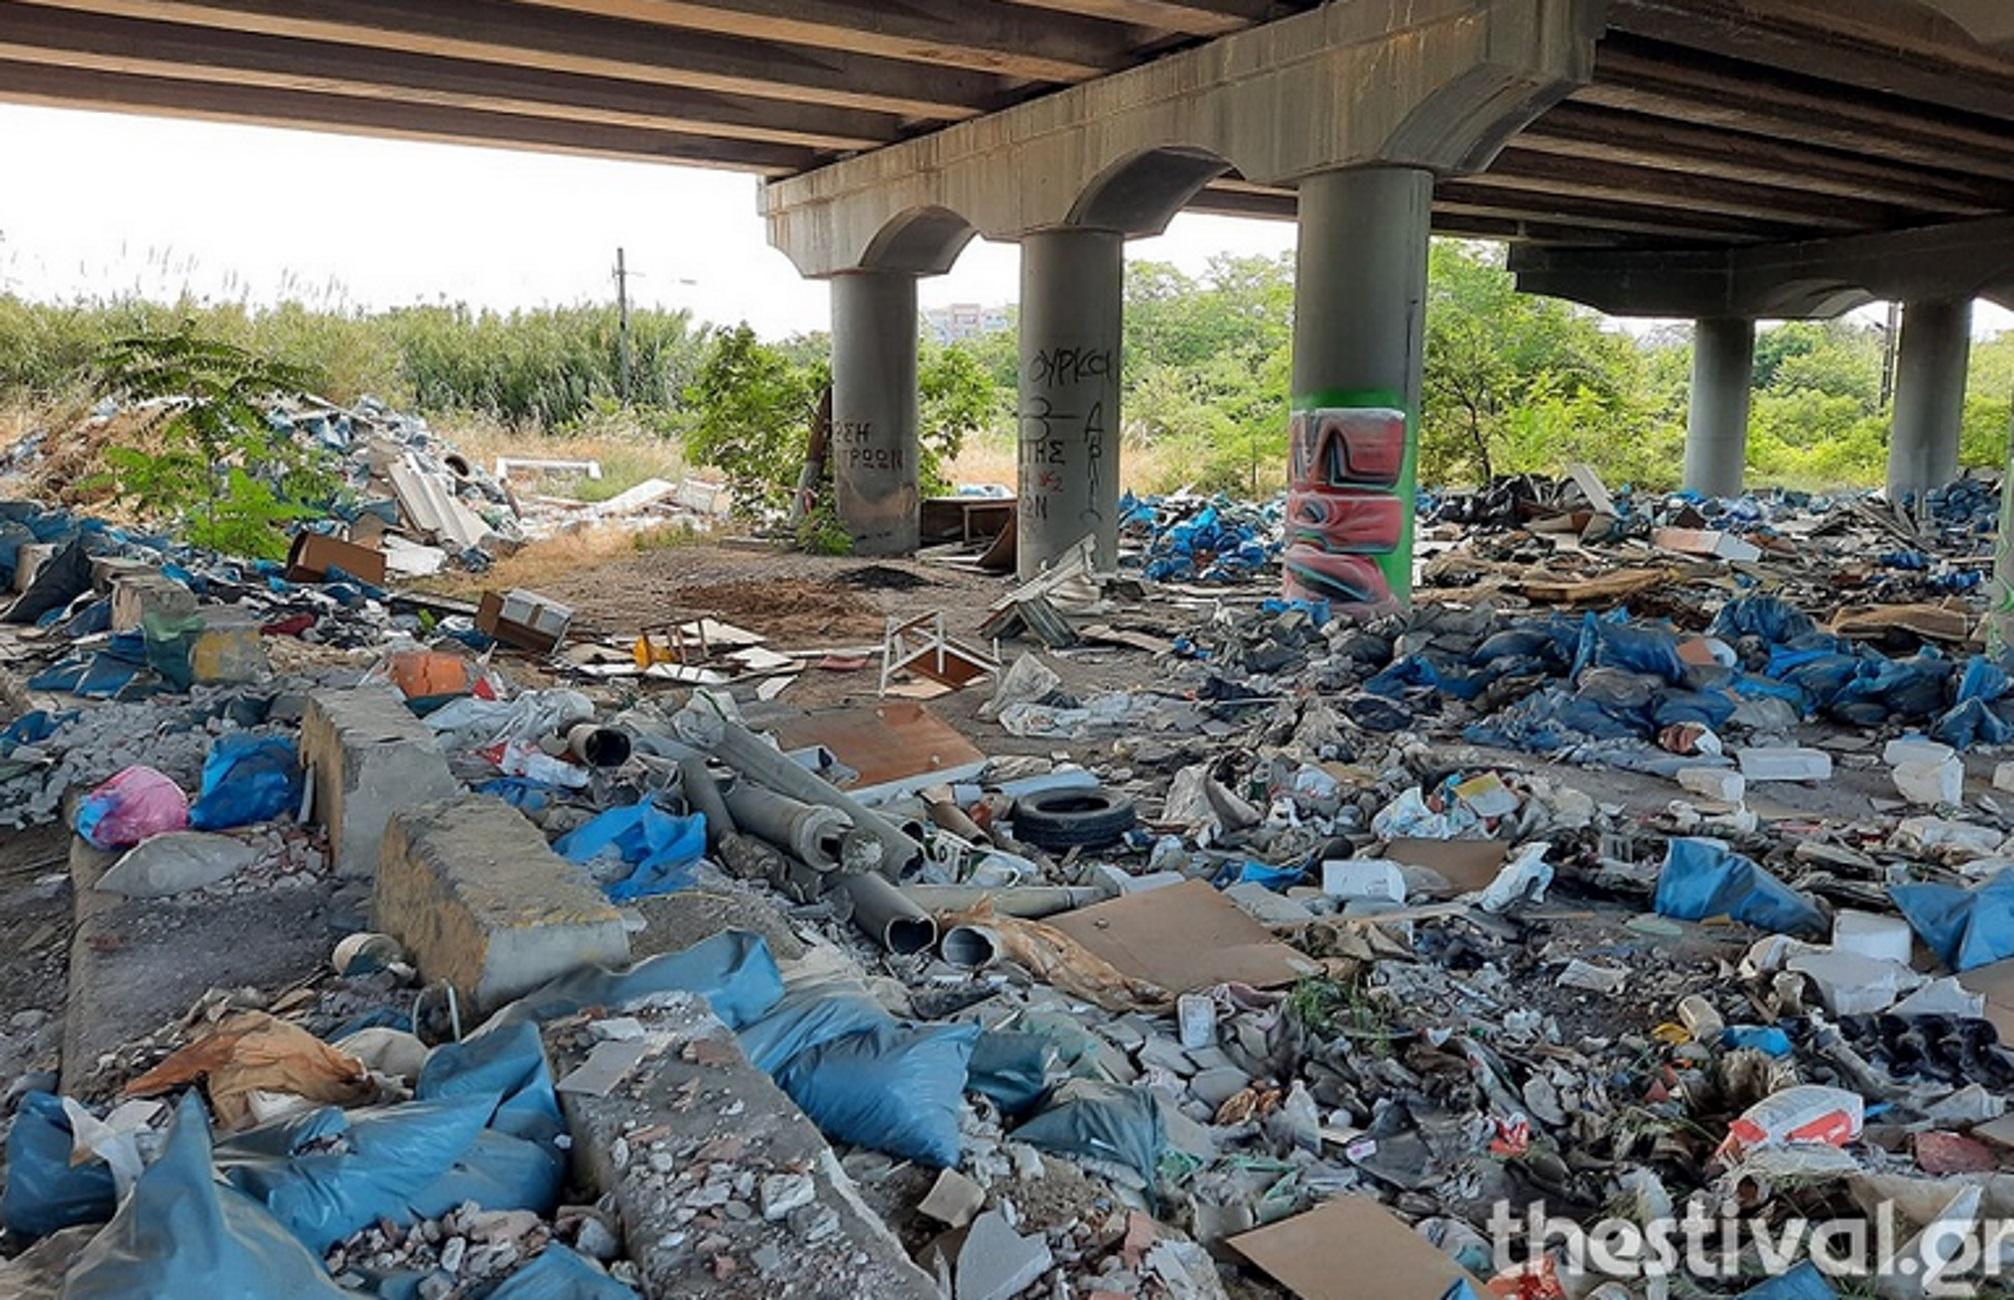 Θεσσαλονίκη: Ξεκίνησε ο καθαρισμός του απέραντου μπαζότοπου με τους 7.000 τόνους σκουπιδιών